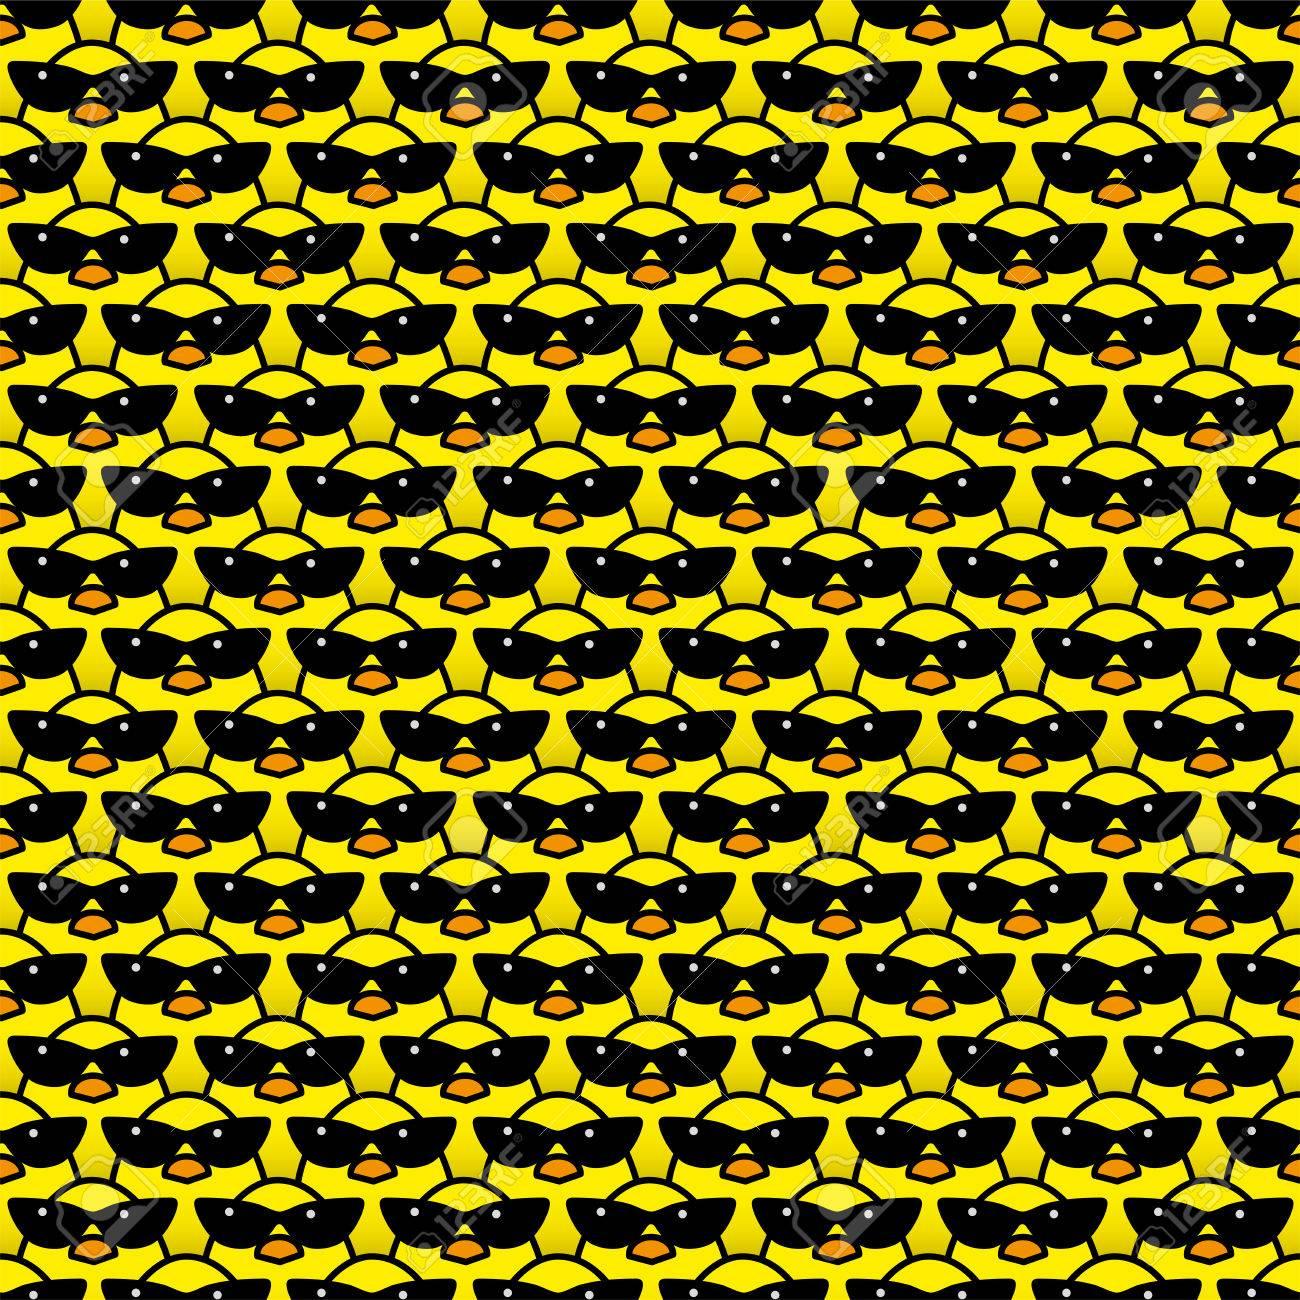 Viele Identische Gelbe Küken Tragen Coole Retro Damen Sonnenbrille